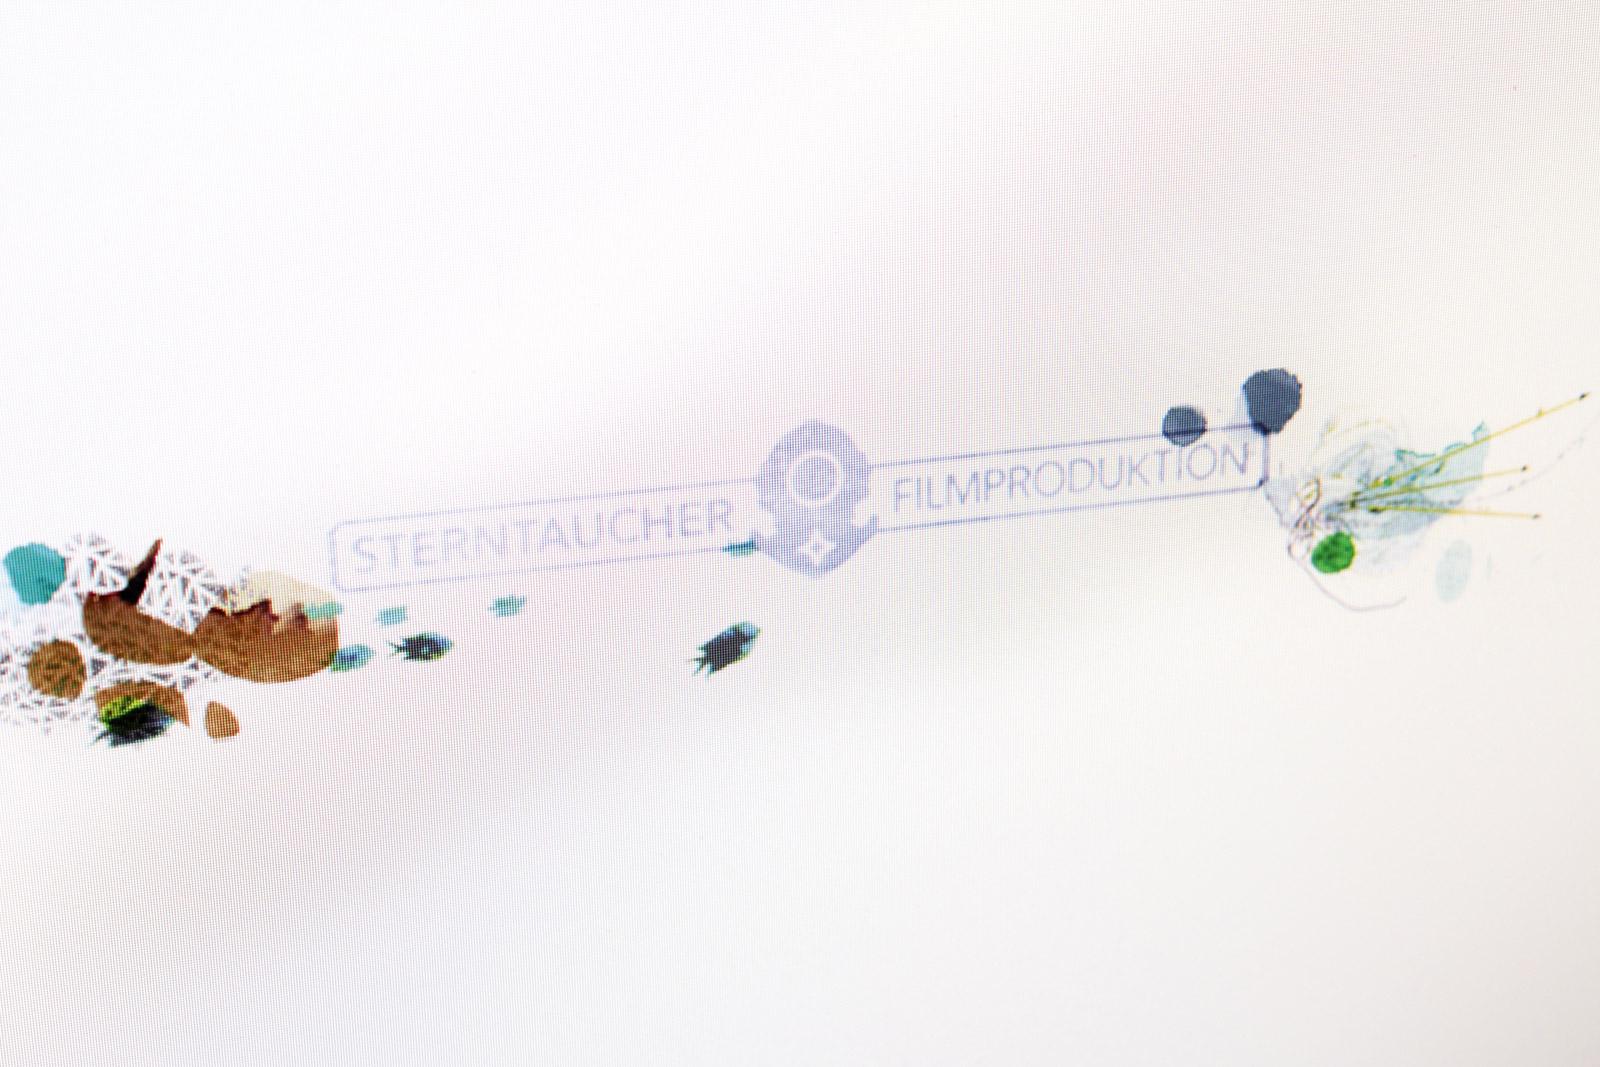 Sterntaucher_Logo